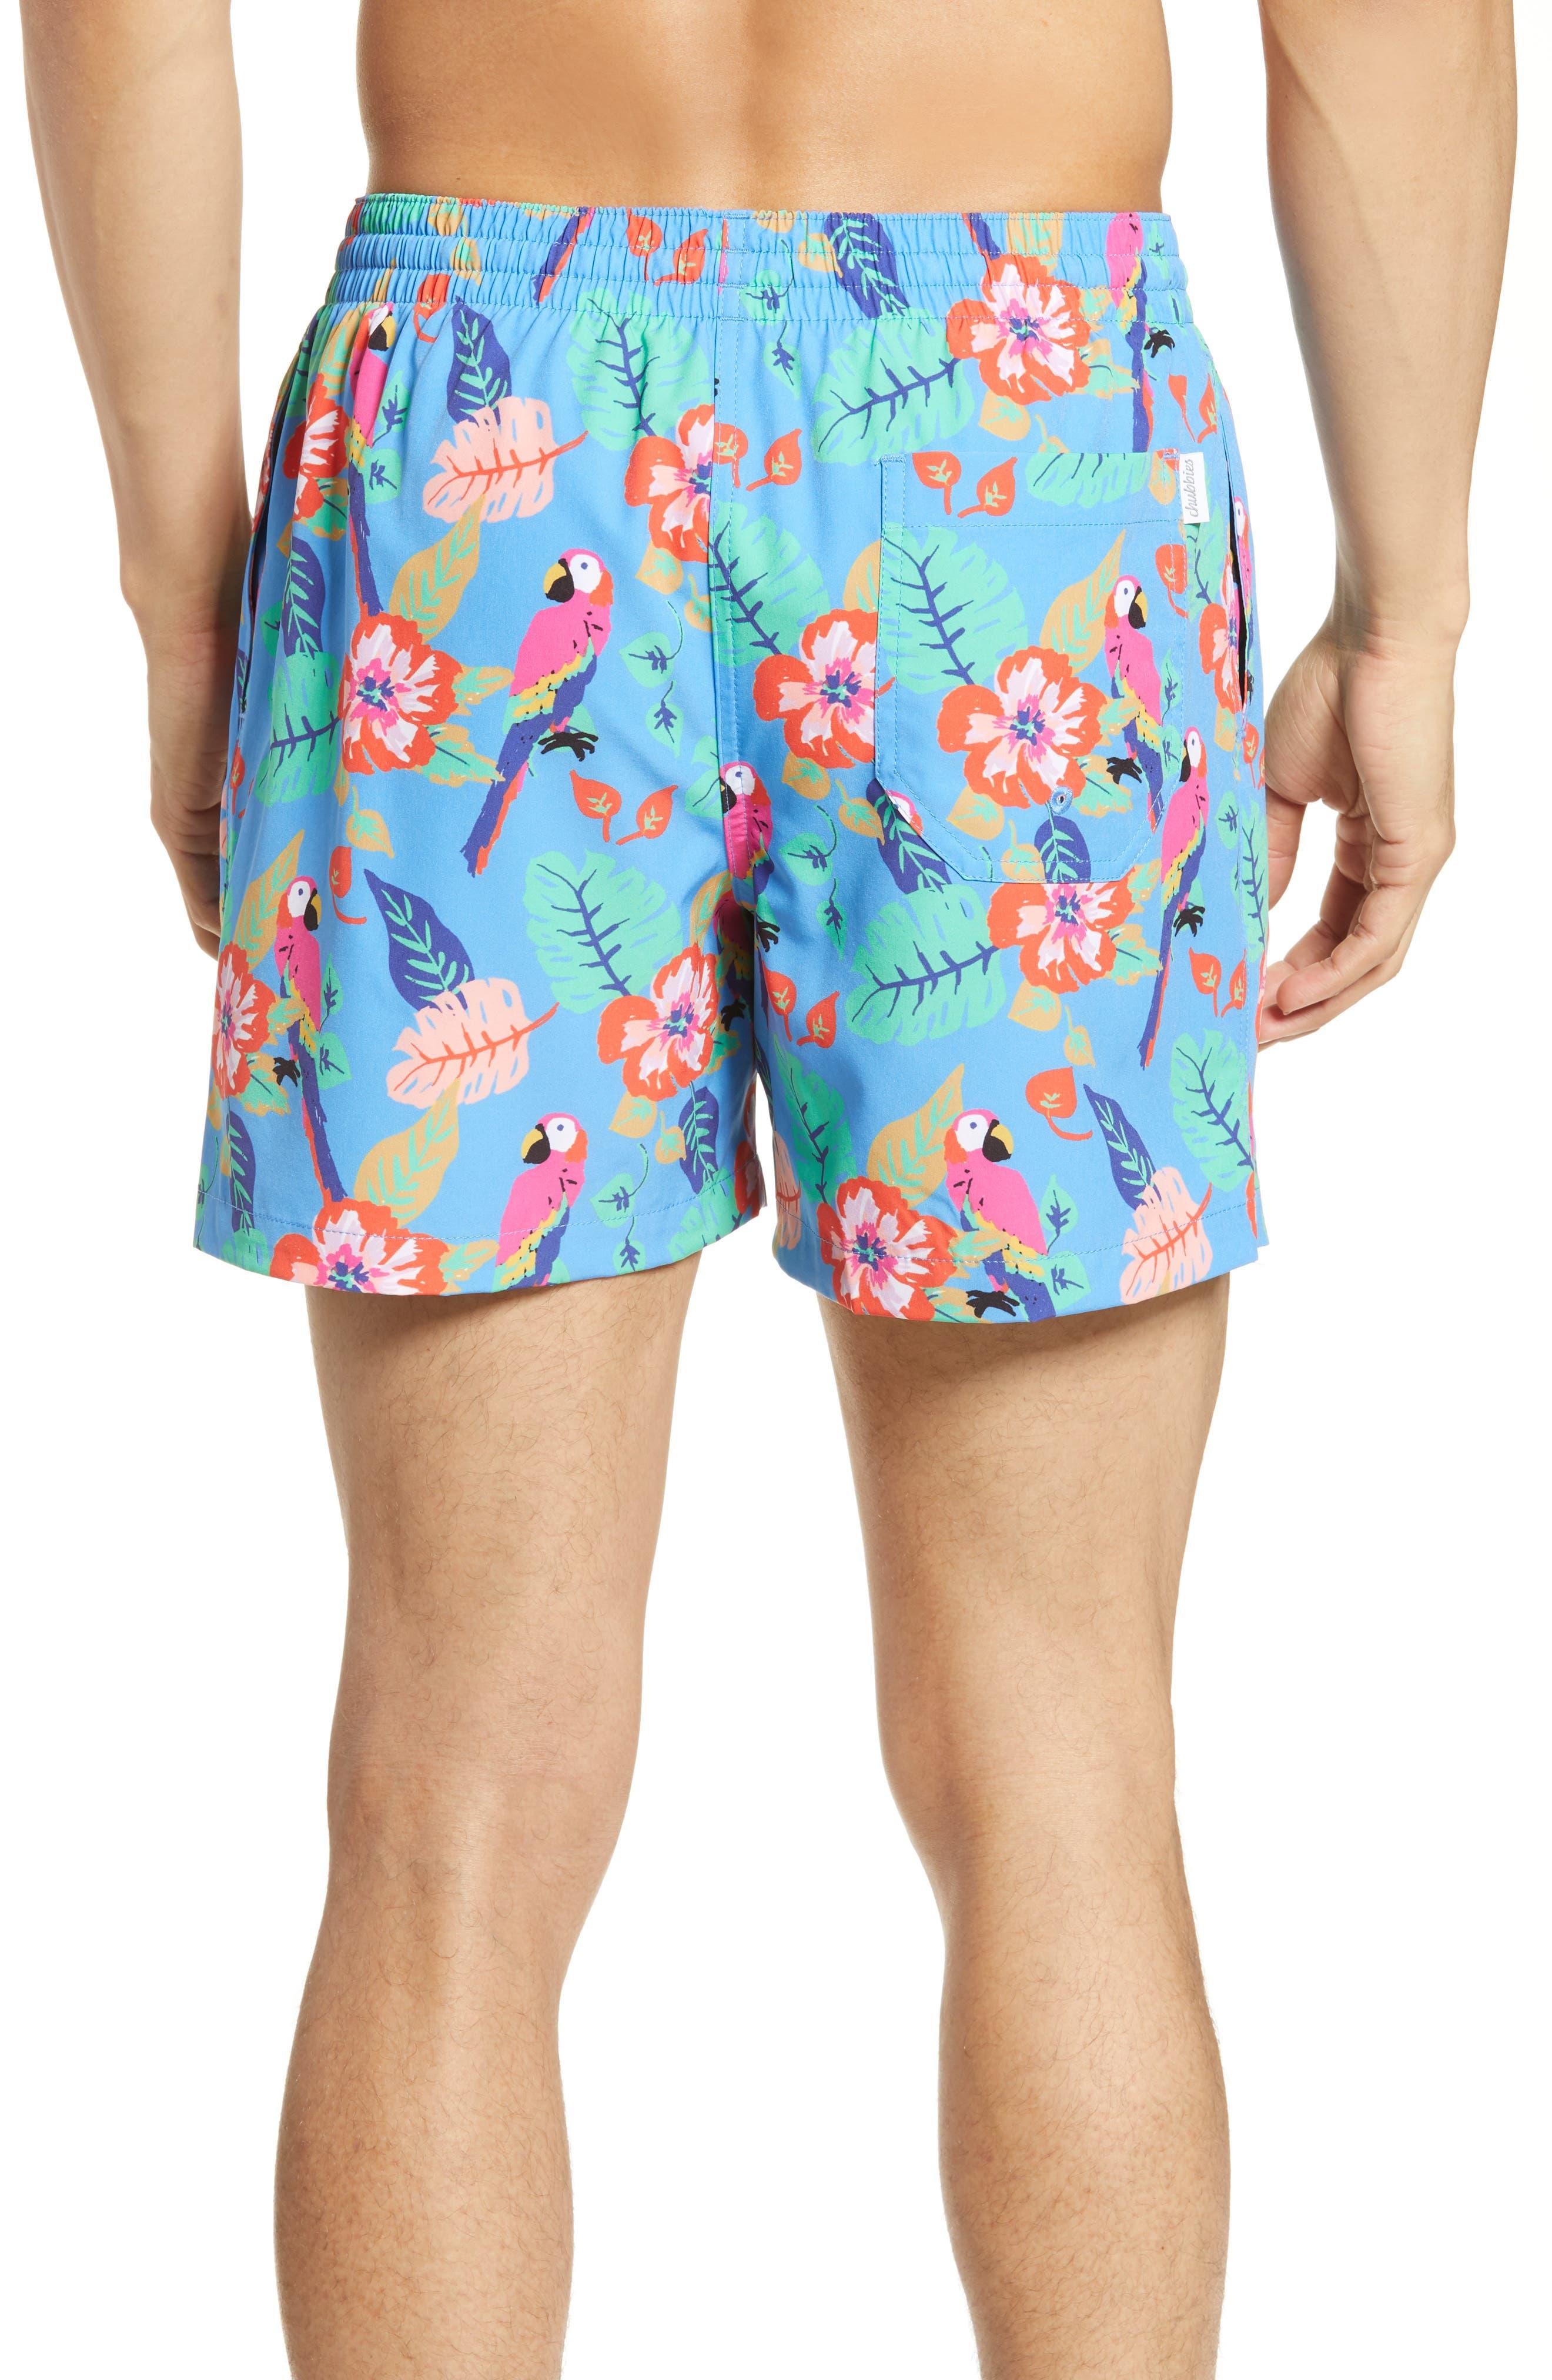 a617cbe8ce Men's Chubbies Swimwear, Boardshorts & Swim Trunks   Nordstrom